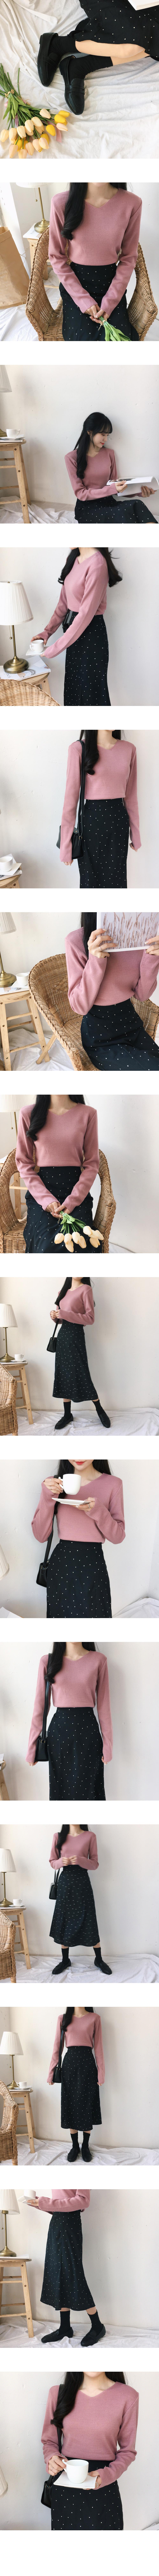 V-neck knit poison